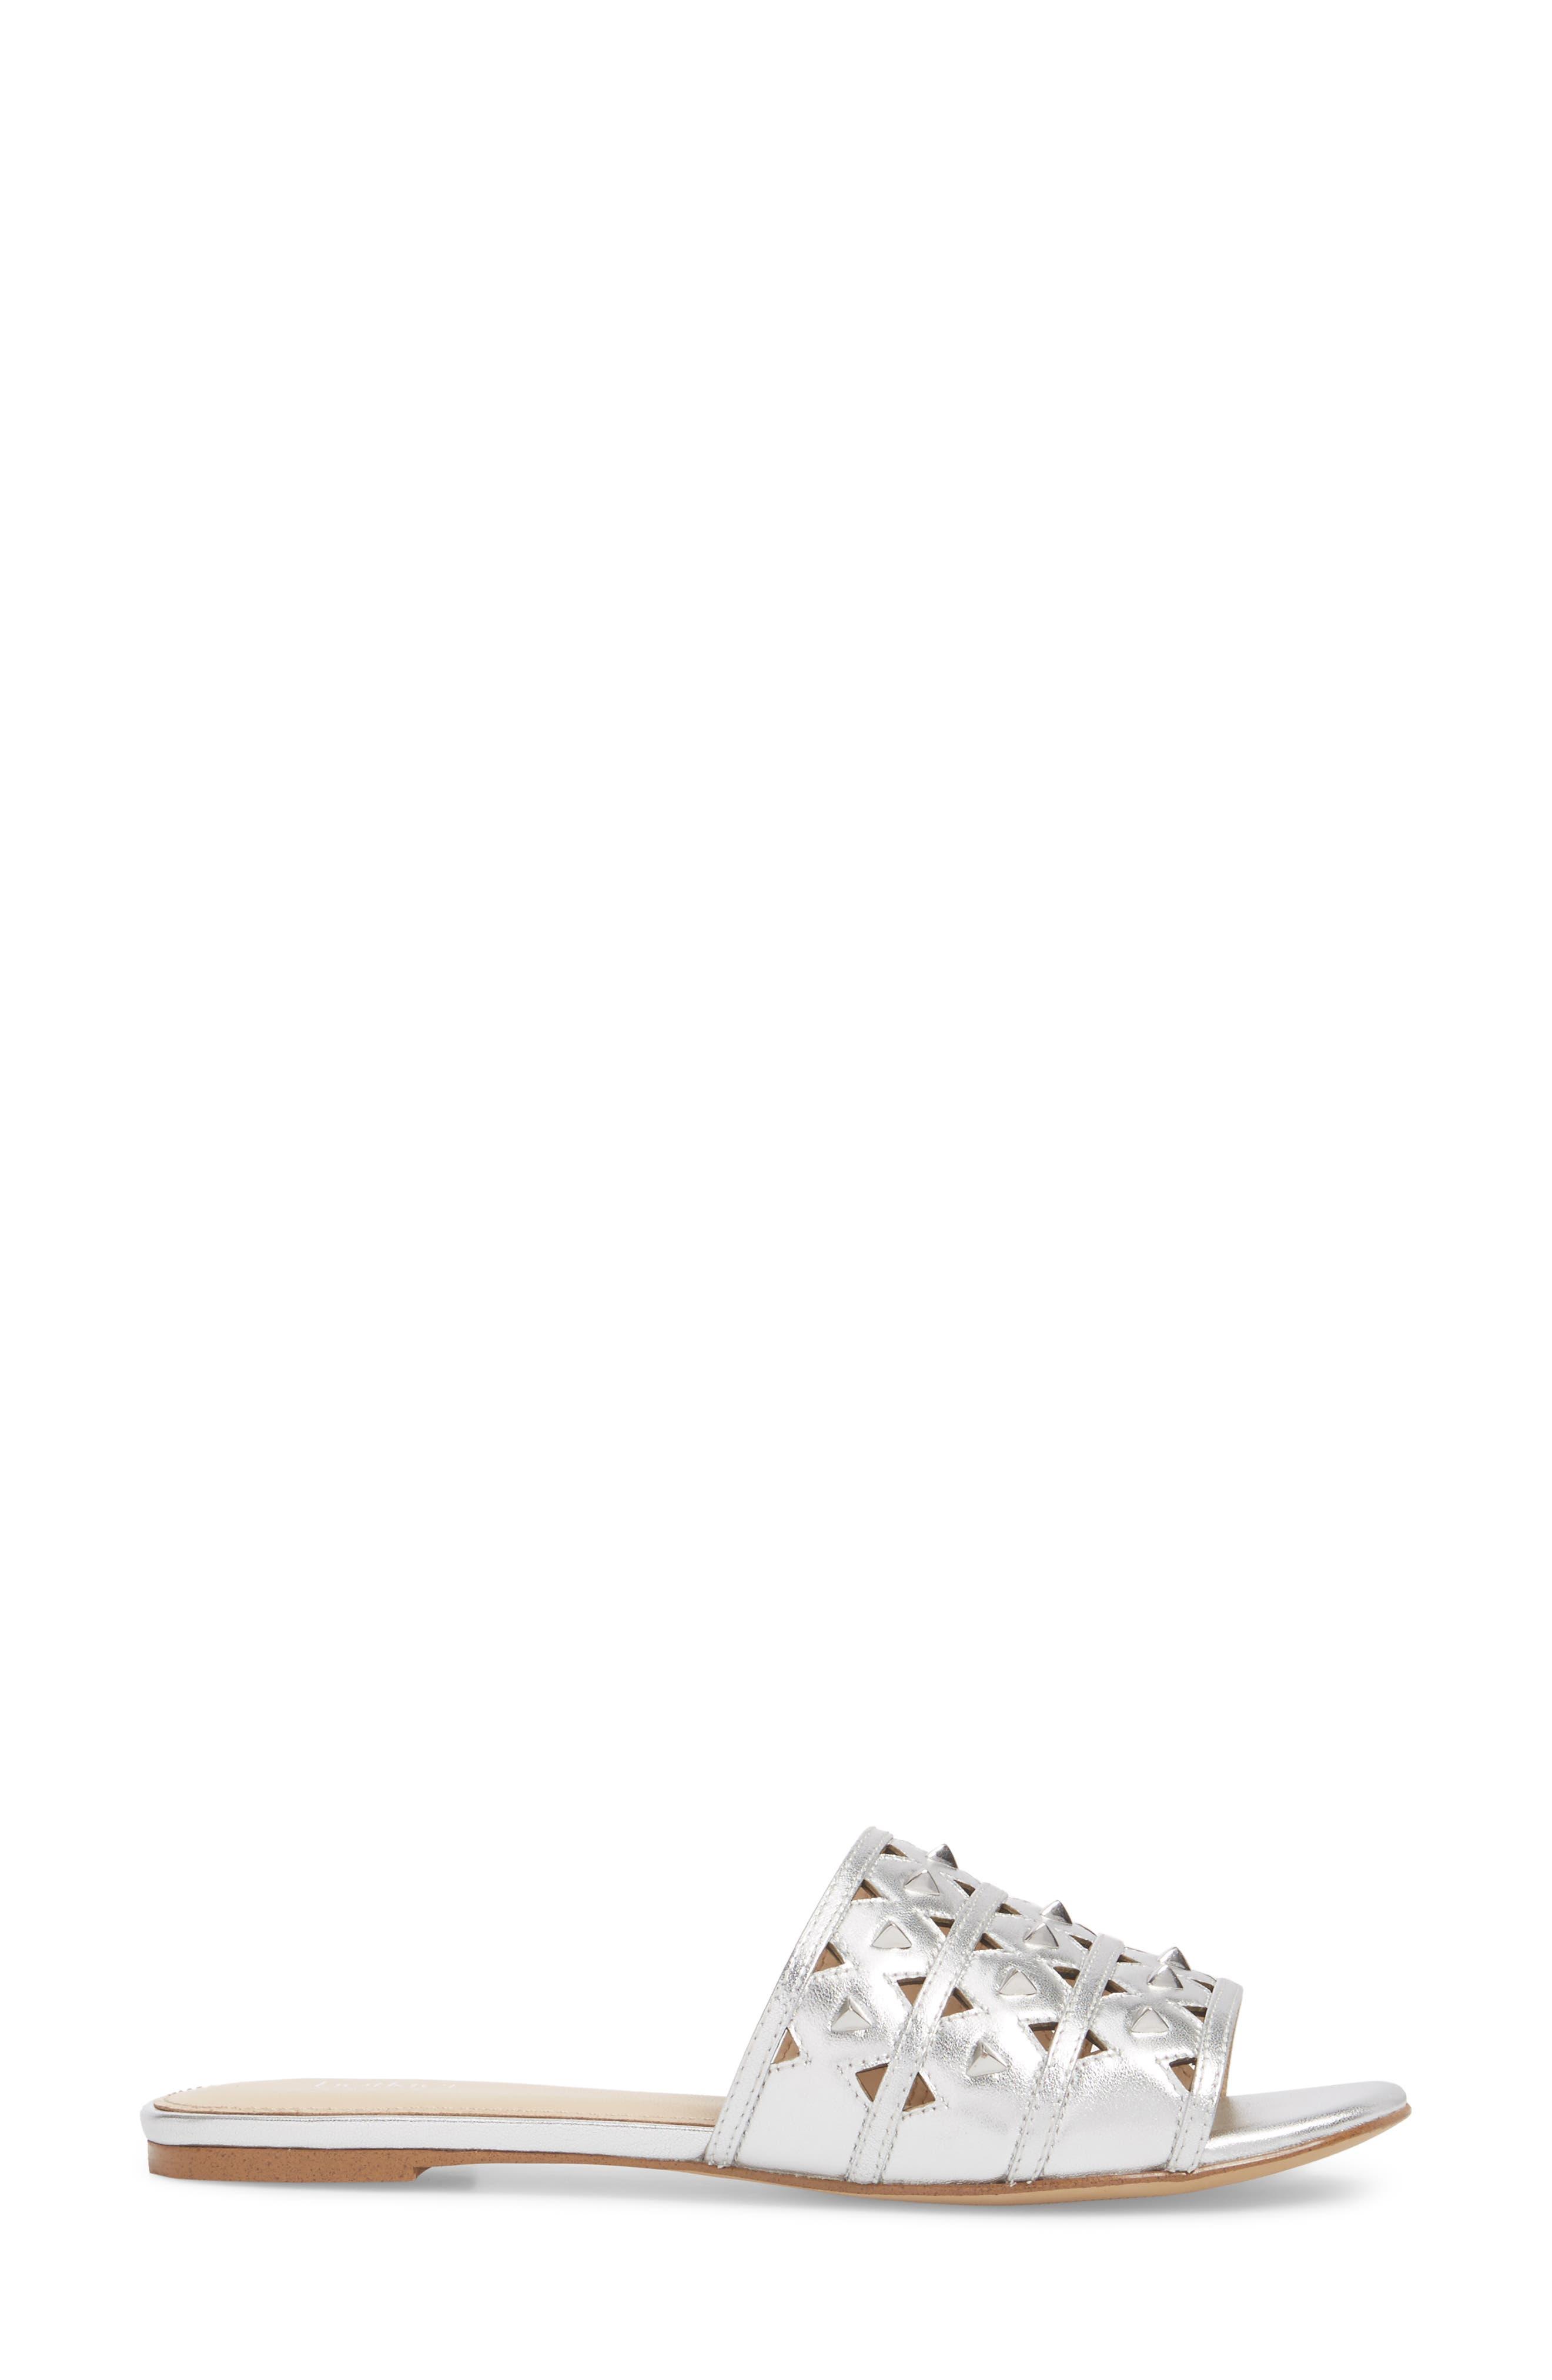 Maeva Slide Sandal,                             Alternate thumbnail 3, color,                             Argento Leather